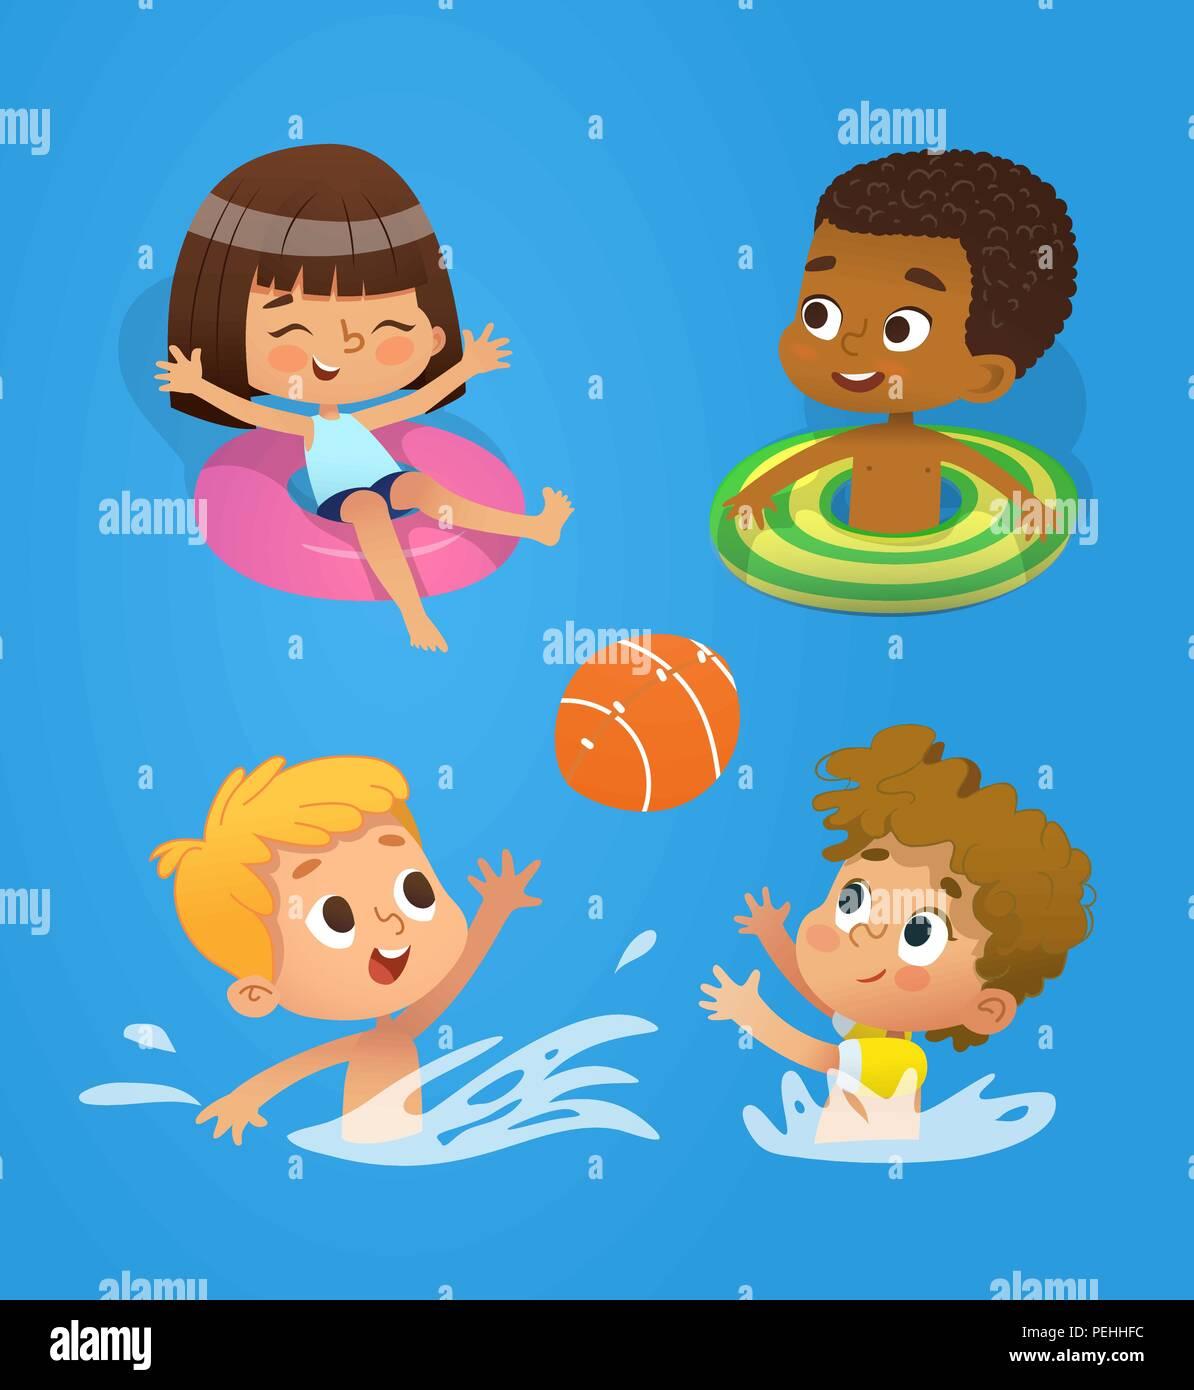 Carattere Della Piscina E Multirazziale I Bambini Si Divertono In